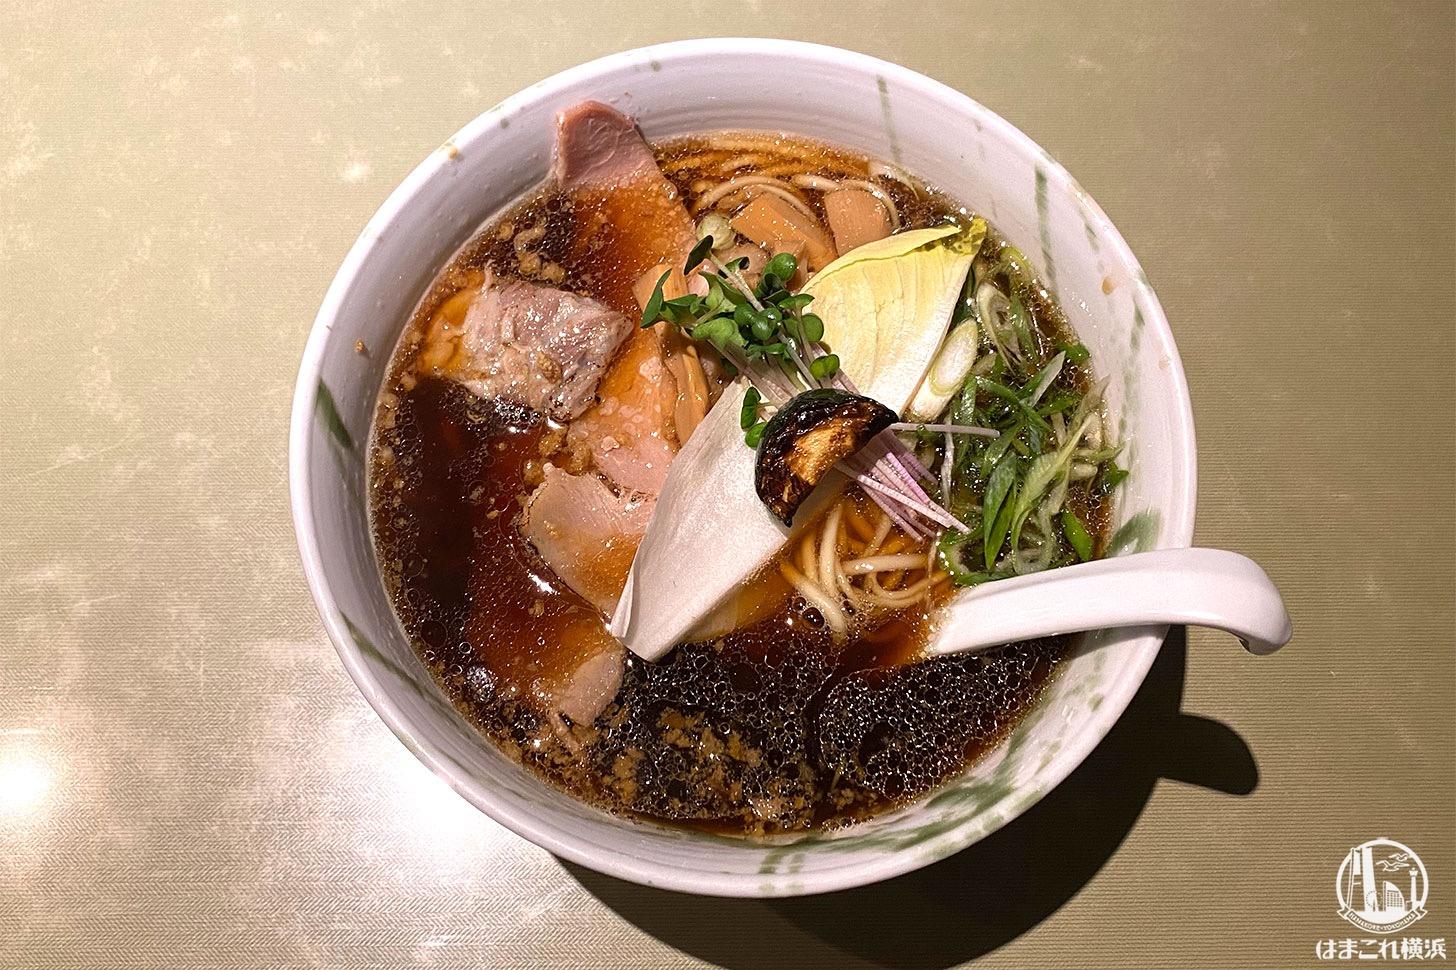 横浜・弘明寺「ロ麺ズ」の醤油ラーメン好きすぎる!スープもトッピングも凝ってて美味